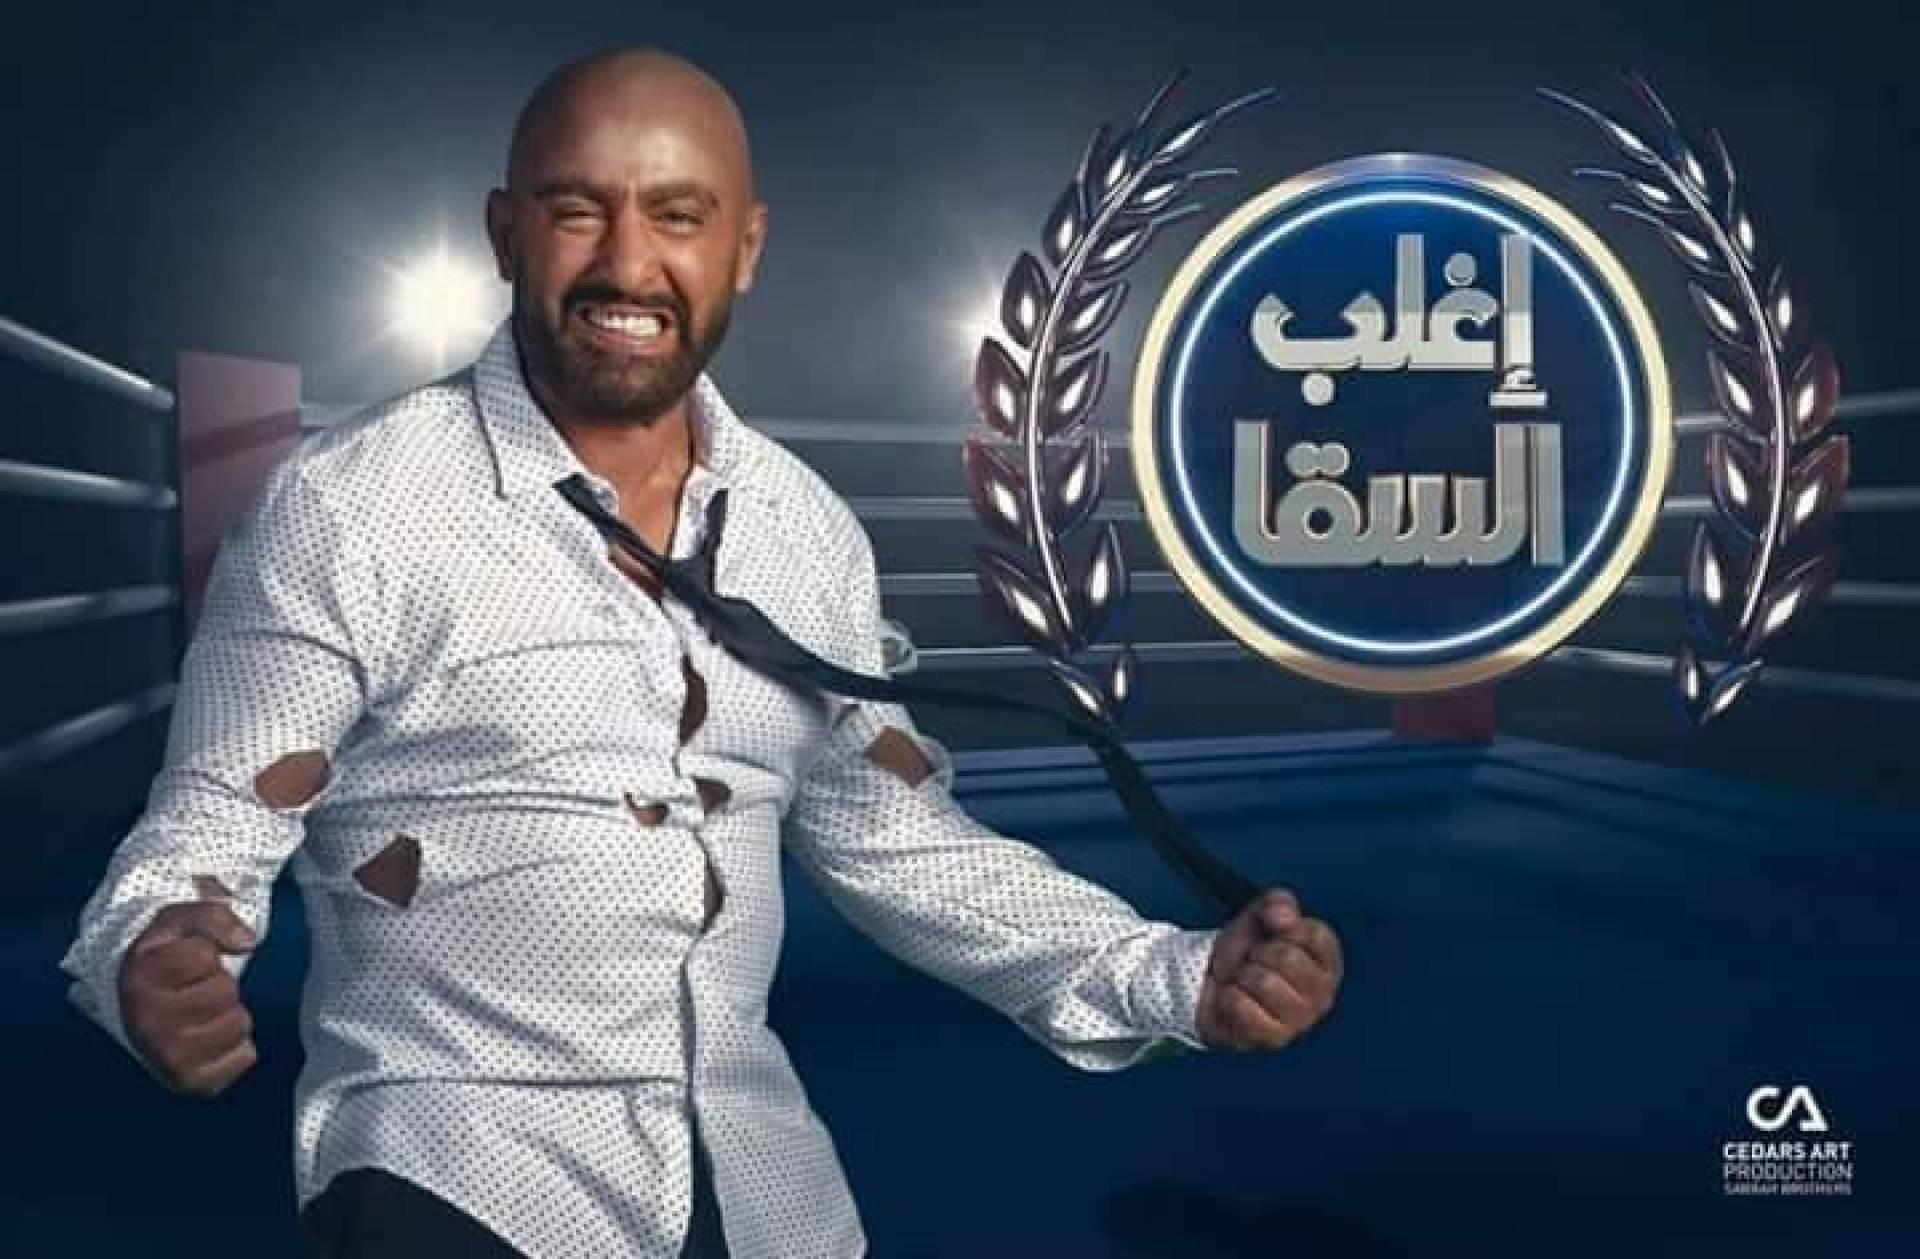 بعد حماقي .. سخرية من قميص أحمد السقا